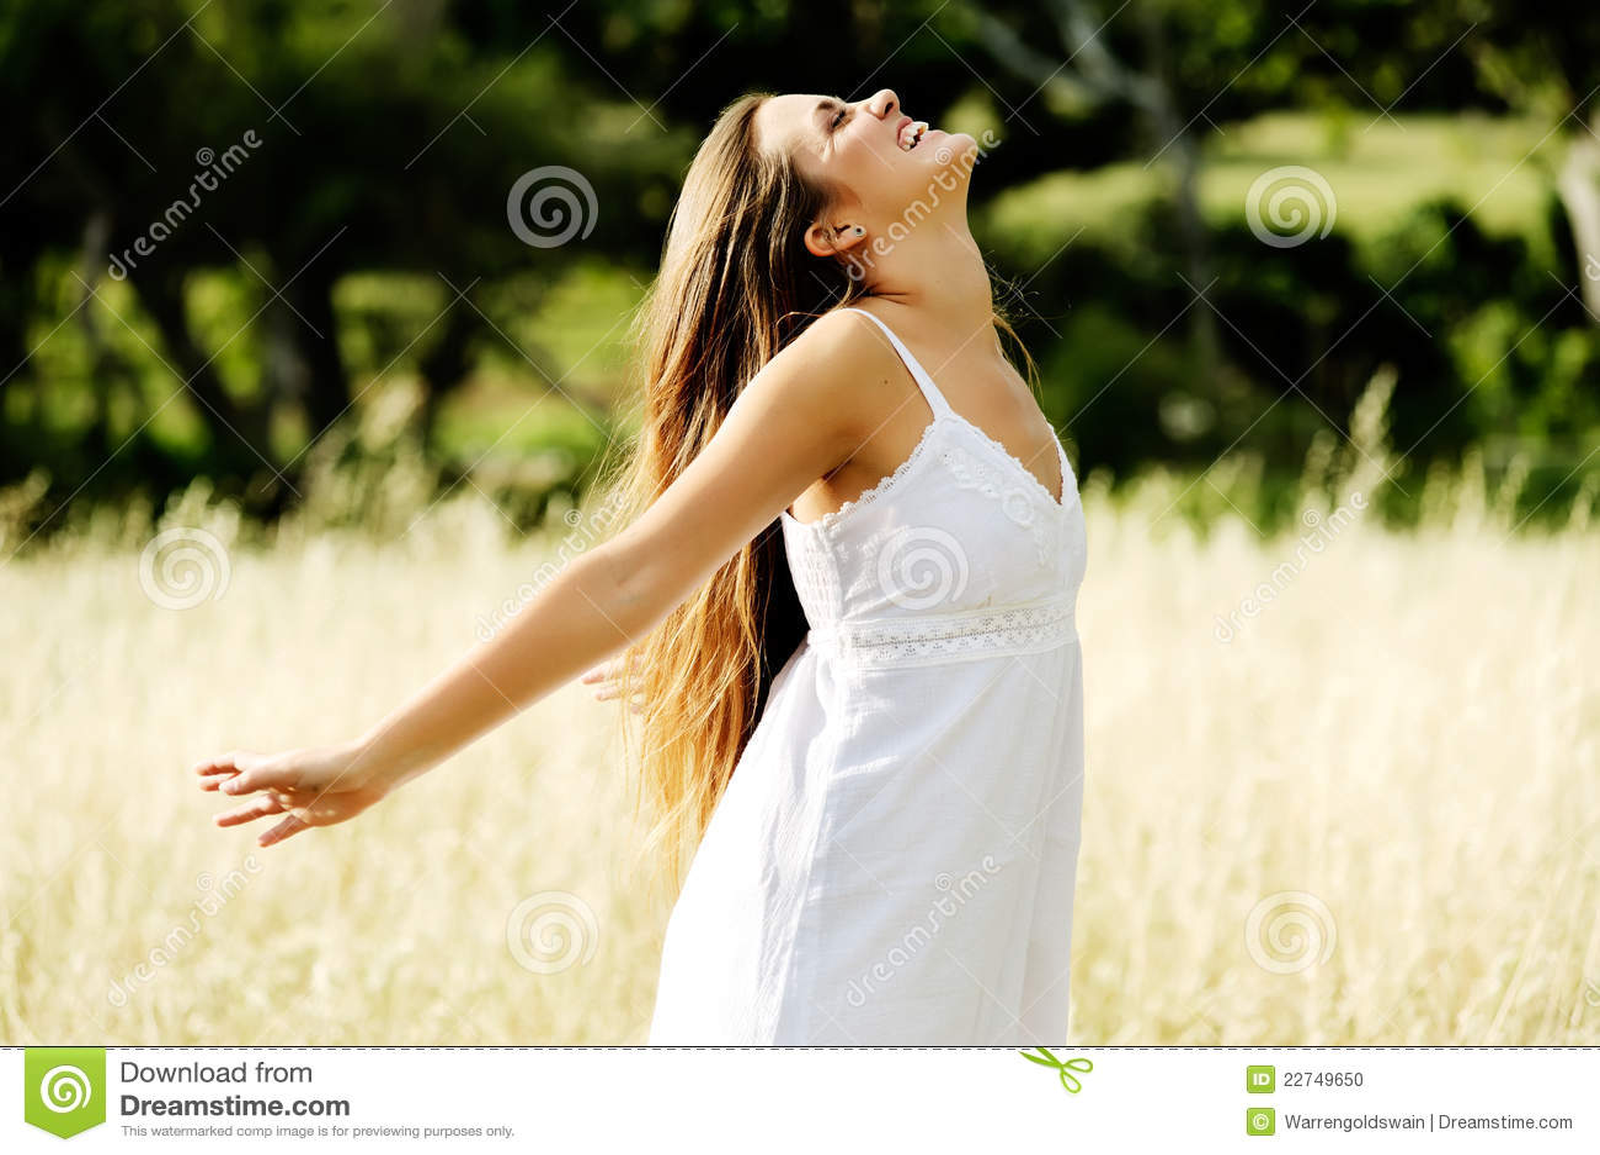 Carefree lycklig kvinna